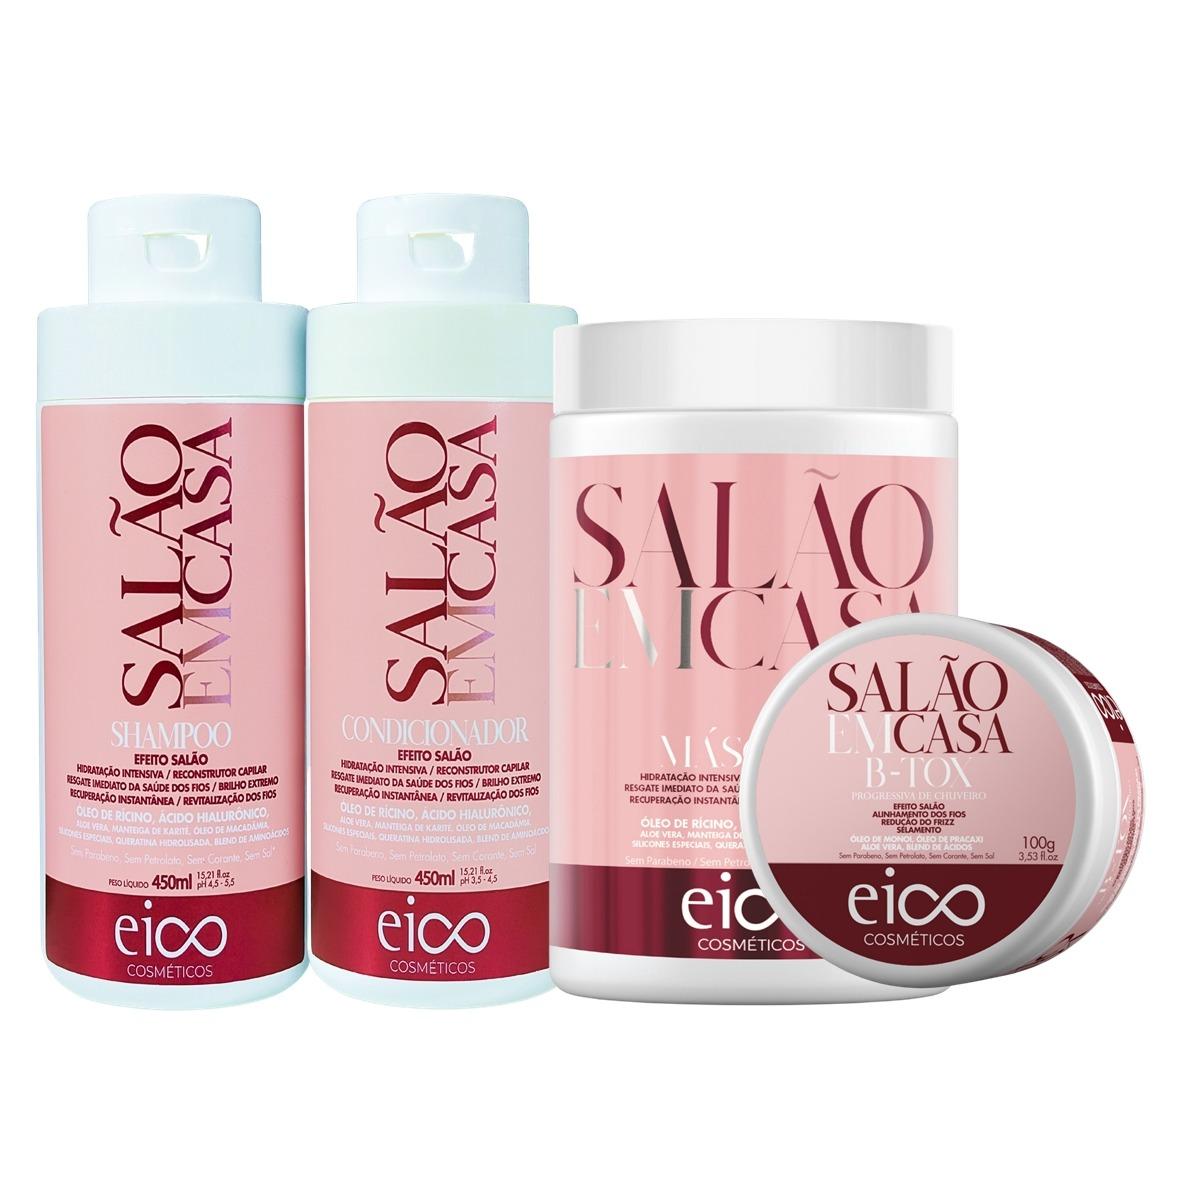 Eico Salão em Casa Kit Shampoo + Condicionador 450ml + Máscara + Btx